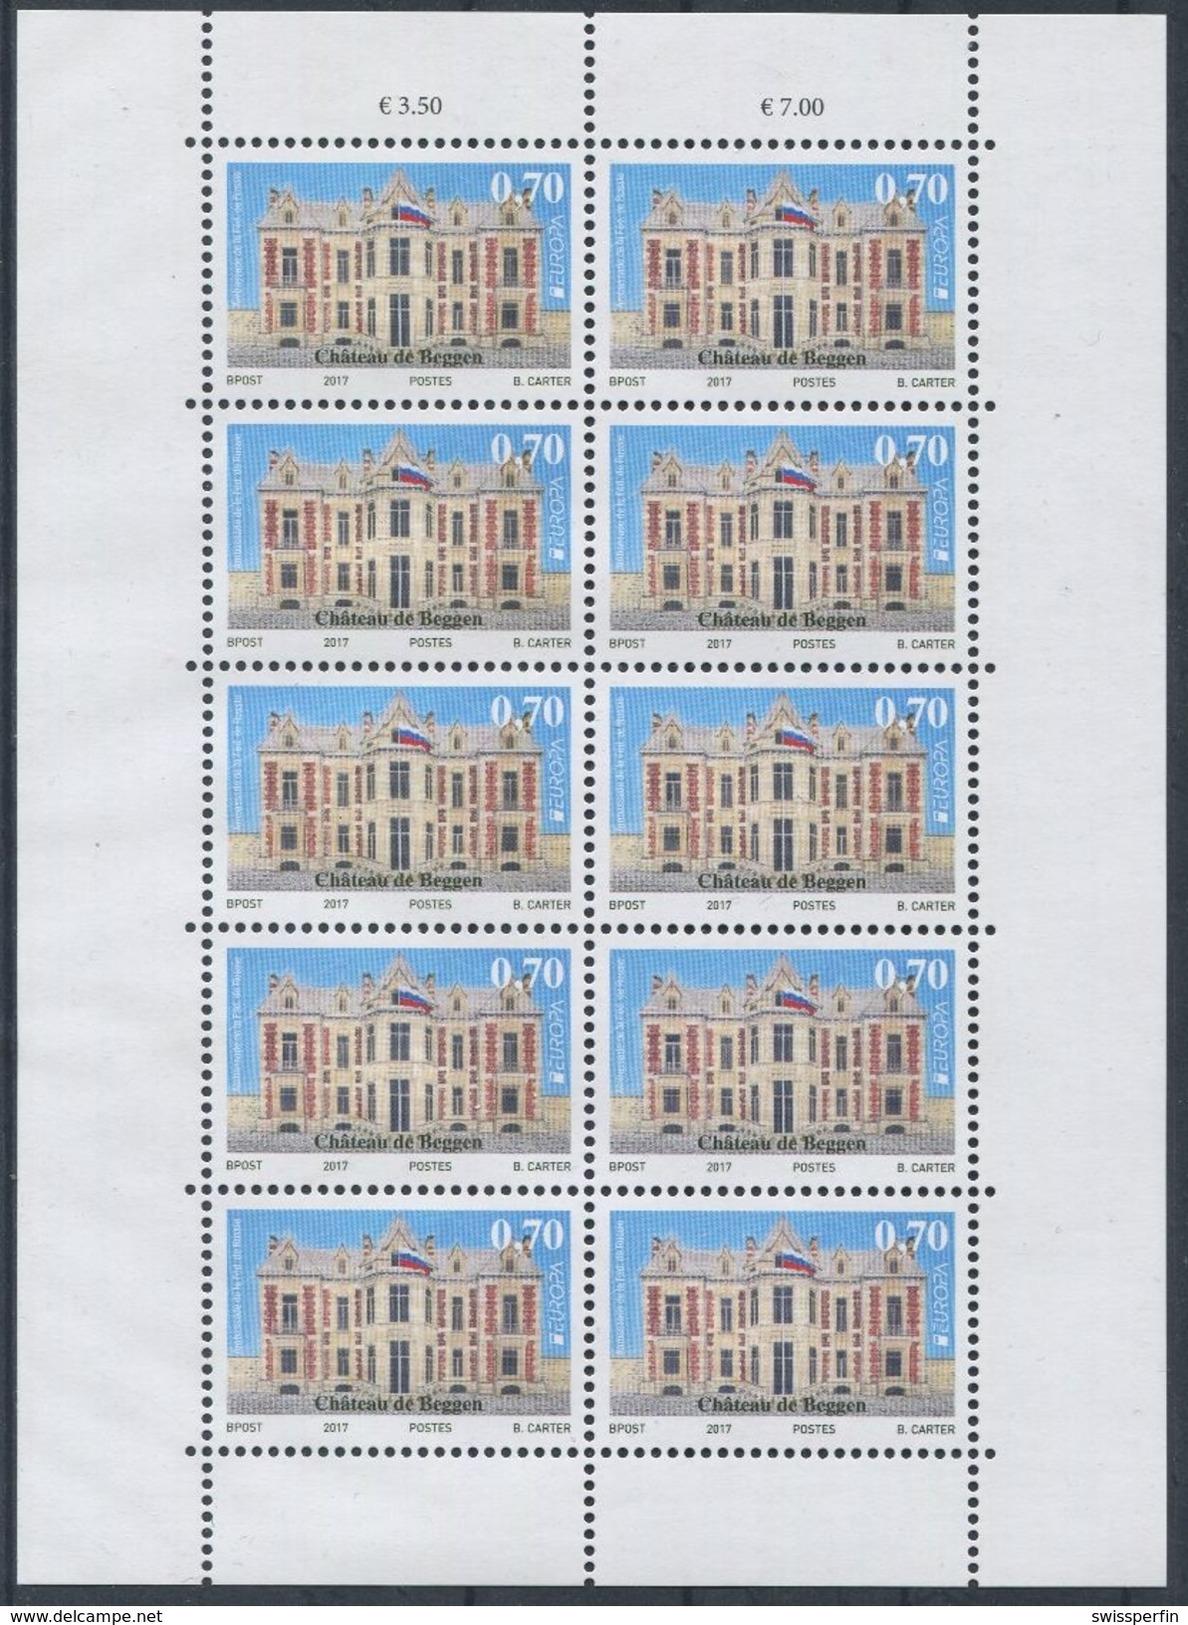 1705 - Luxemburg Europa CEPT 2017 Im Kleinbogen, Zurückgezogene Ausgabe!!! - Ganze Bögen